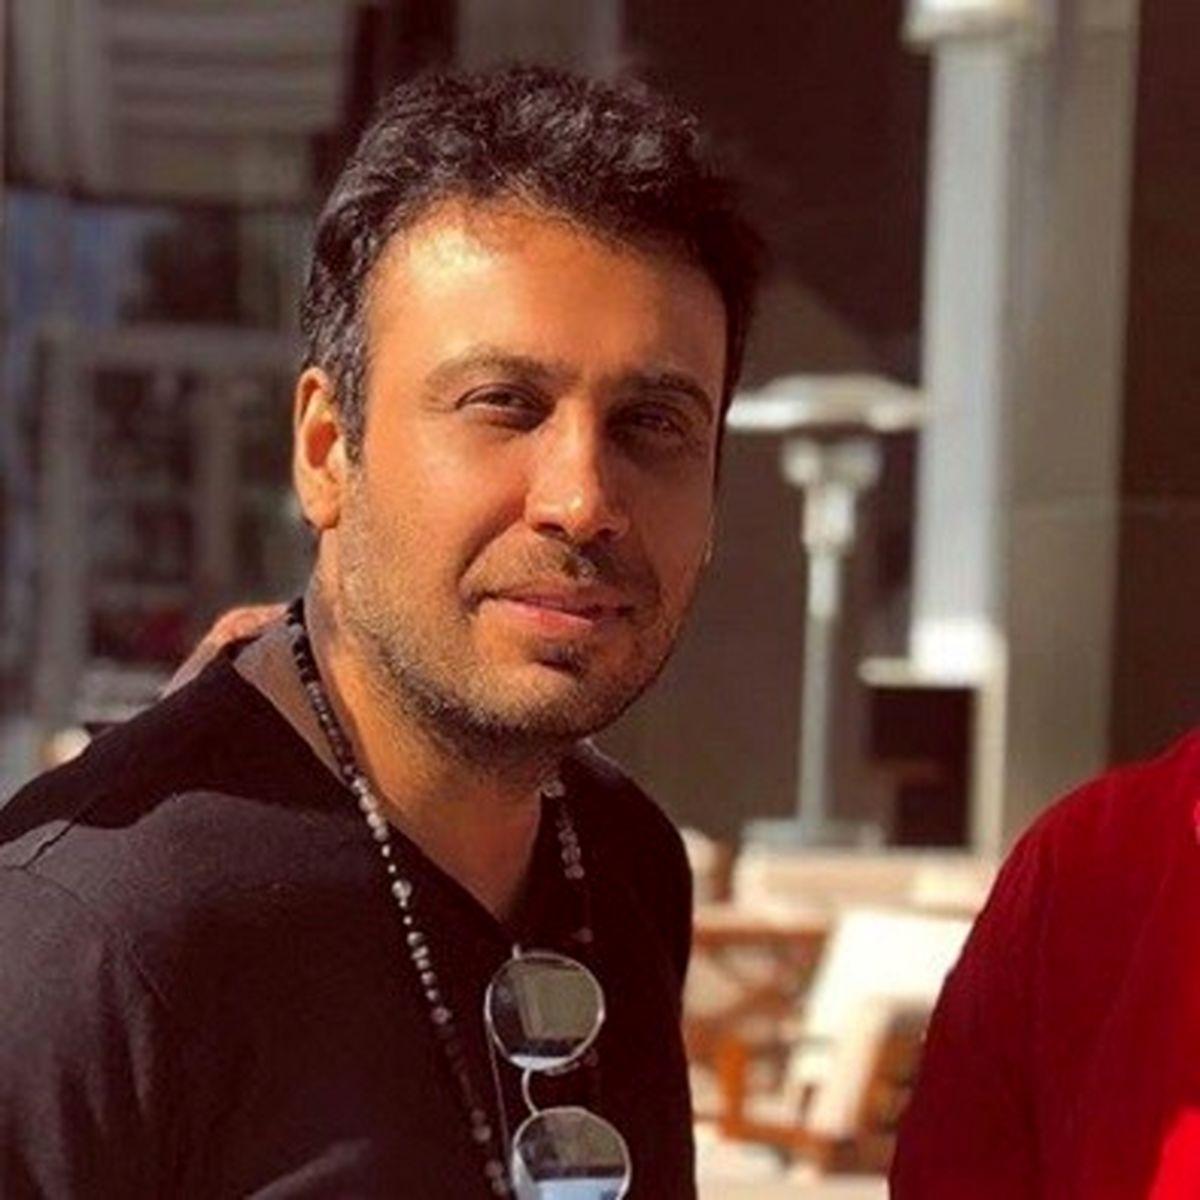 انتقادی تازه از ترانه پرحاشیه محسن چاوشی